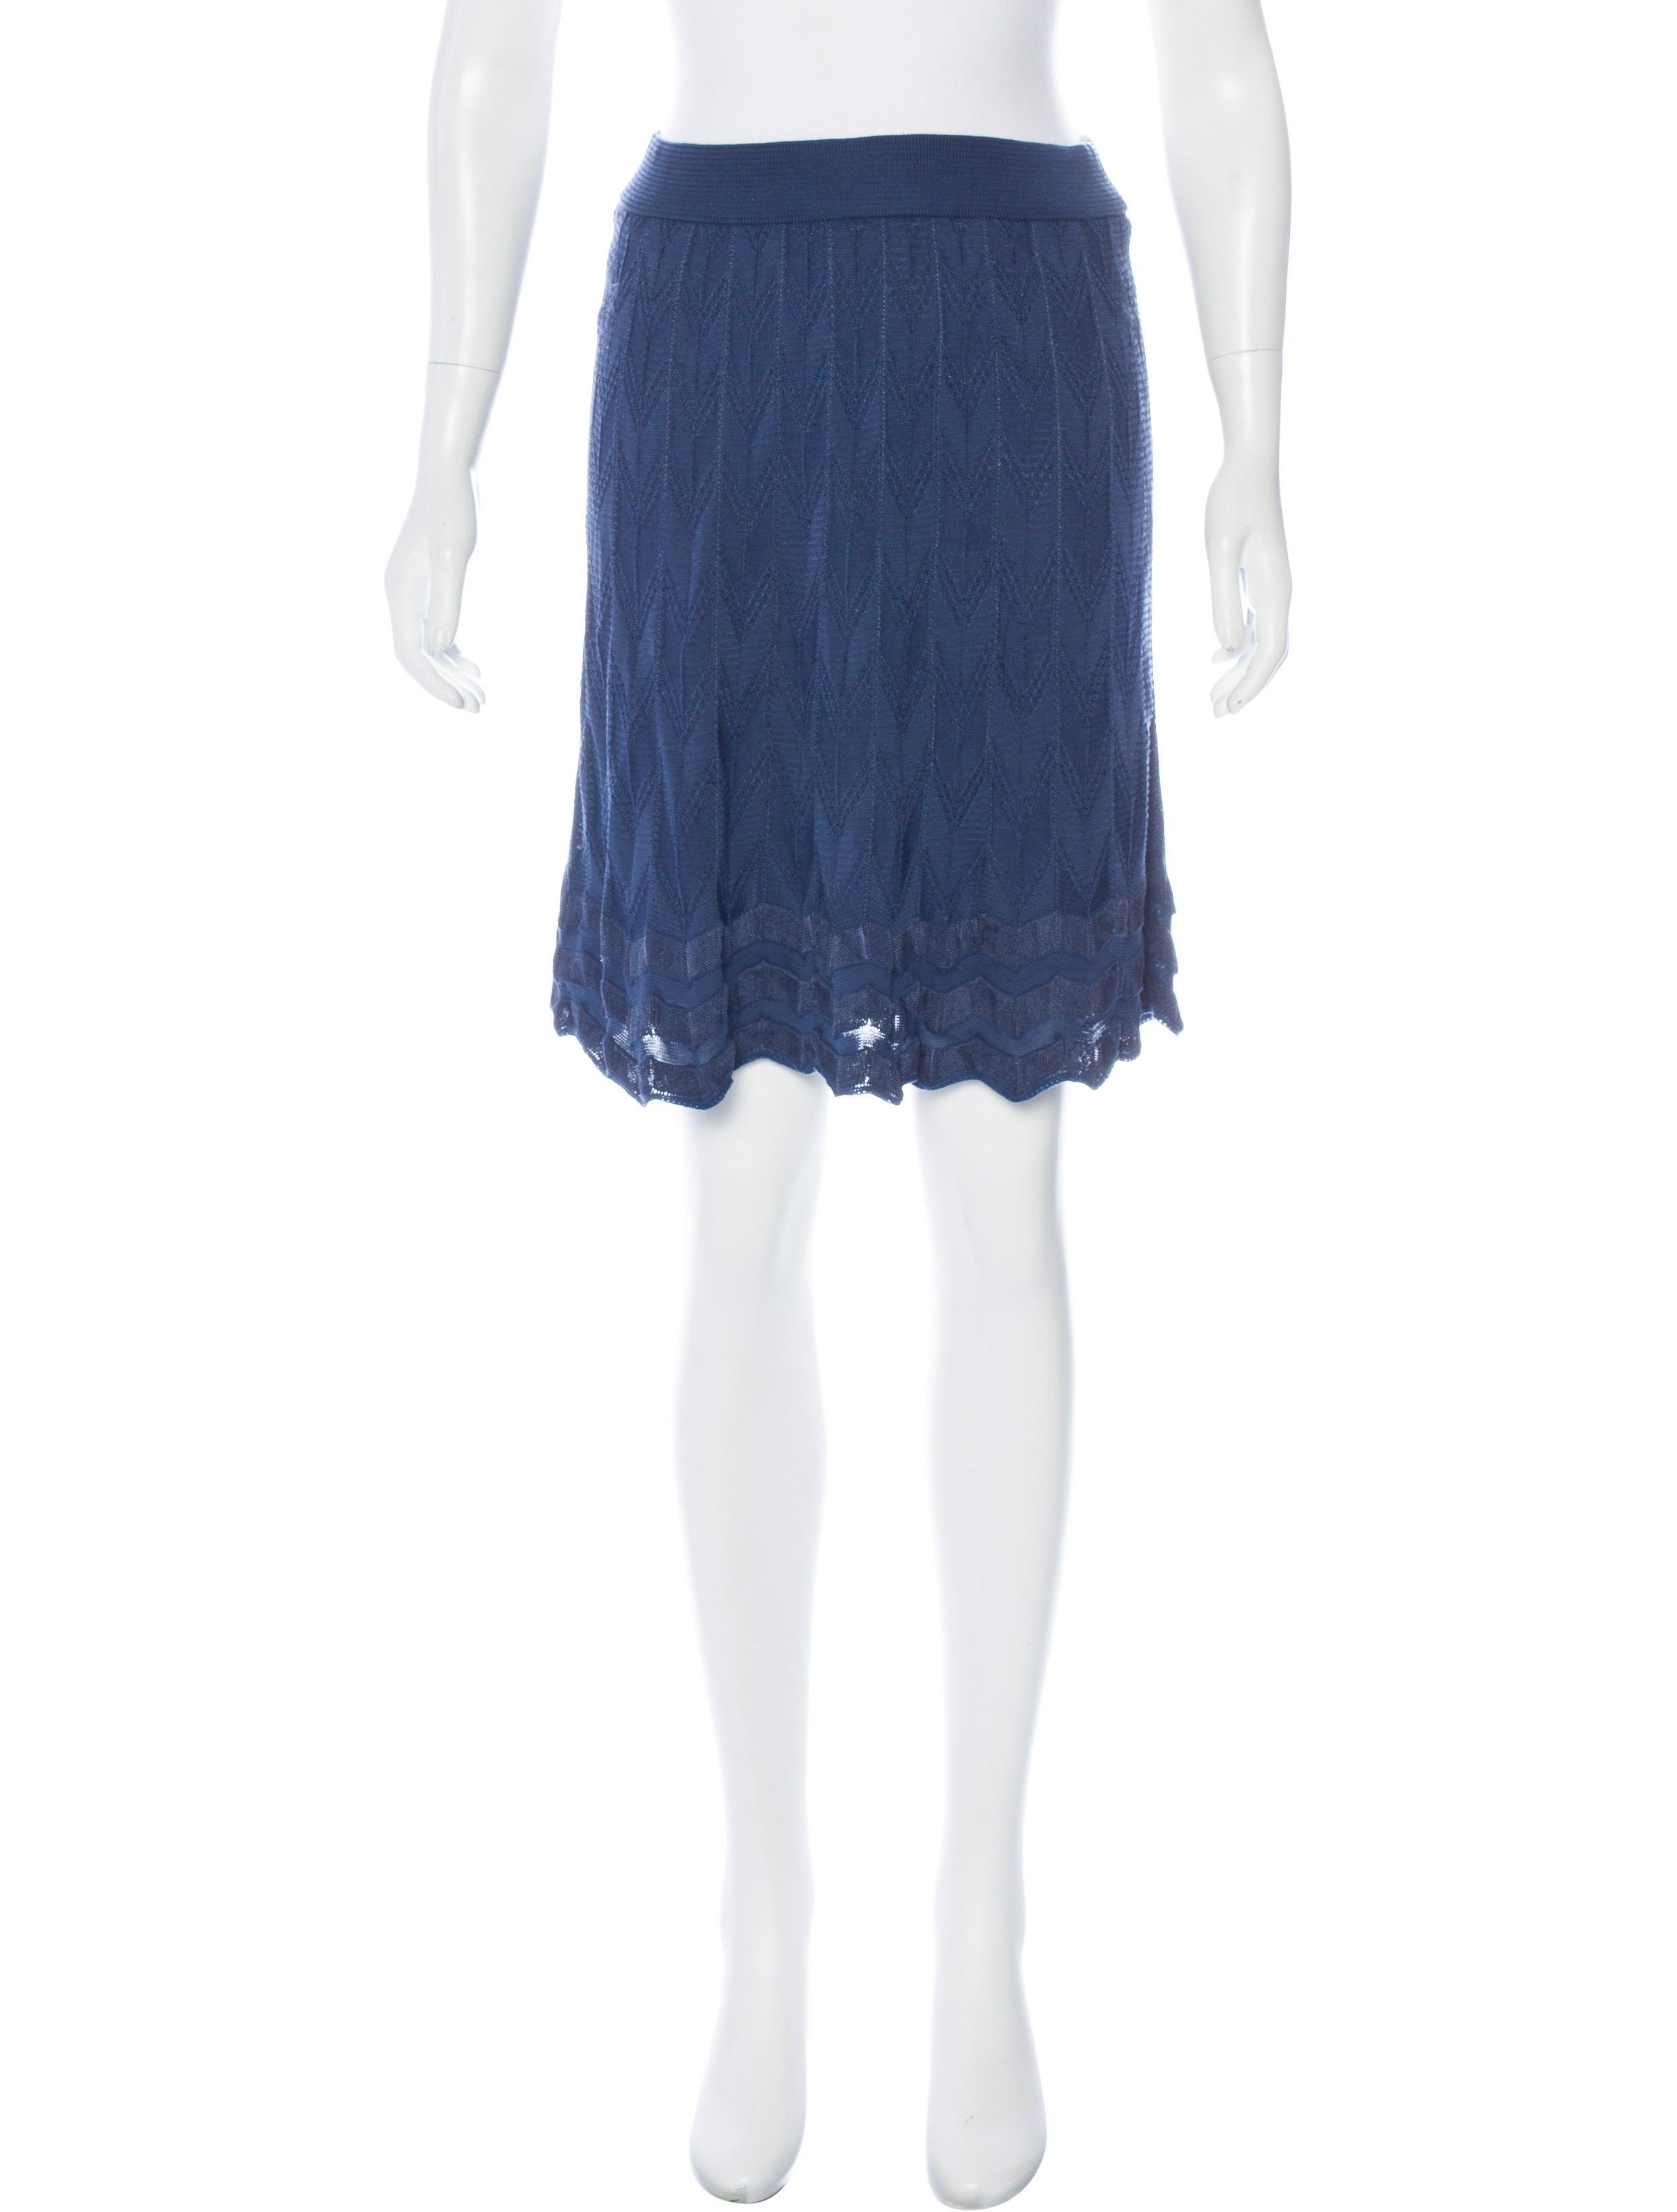 m missoni knit knee length skirt clothing wm439608